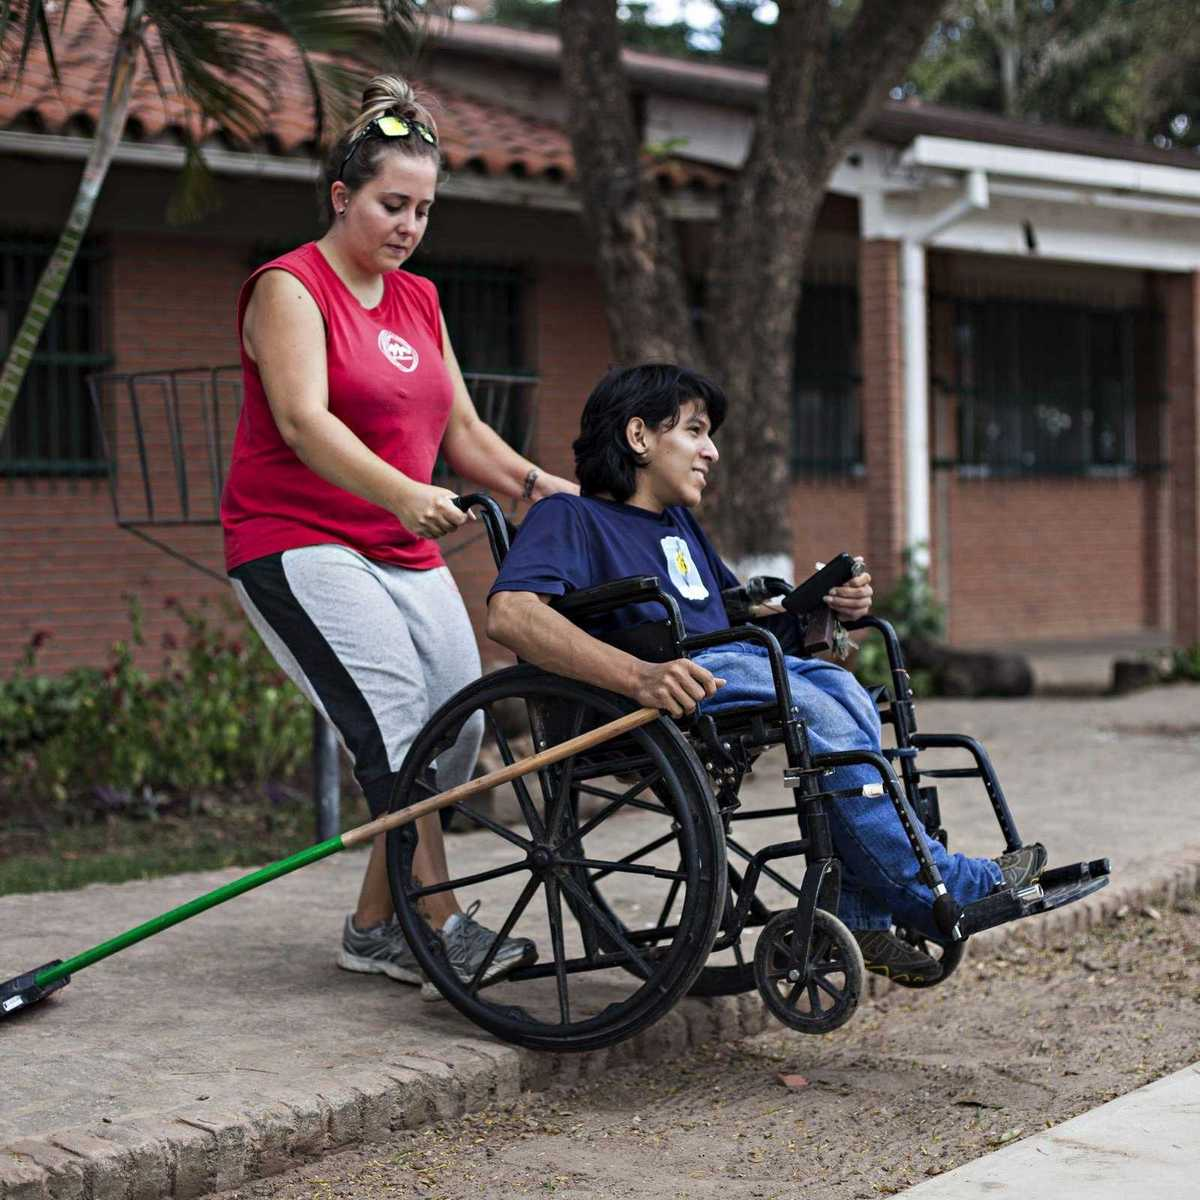 Erziehrin kümmert sich um einen Jungen im Rollstuhl